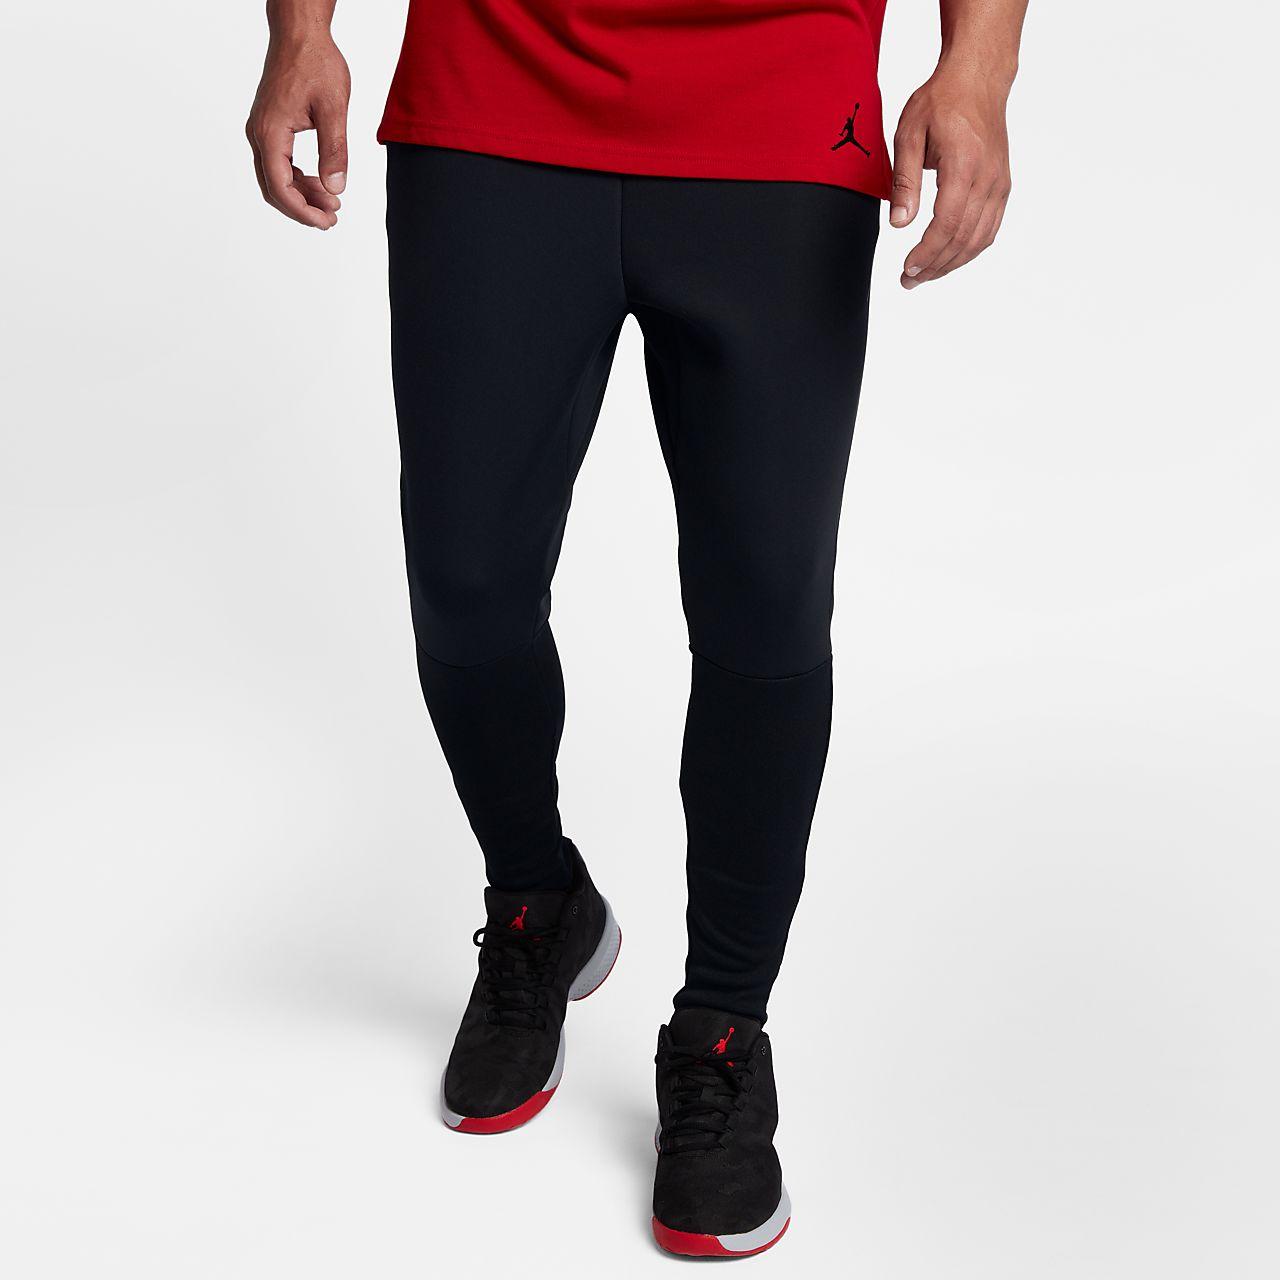 ... Jordan Therma Sphere Max 23 Tech Men's Training Pants